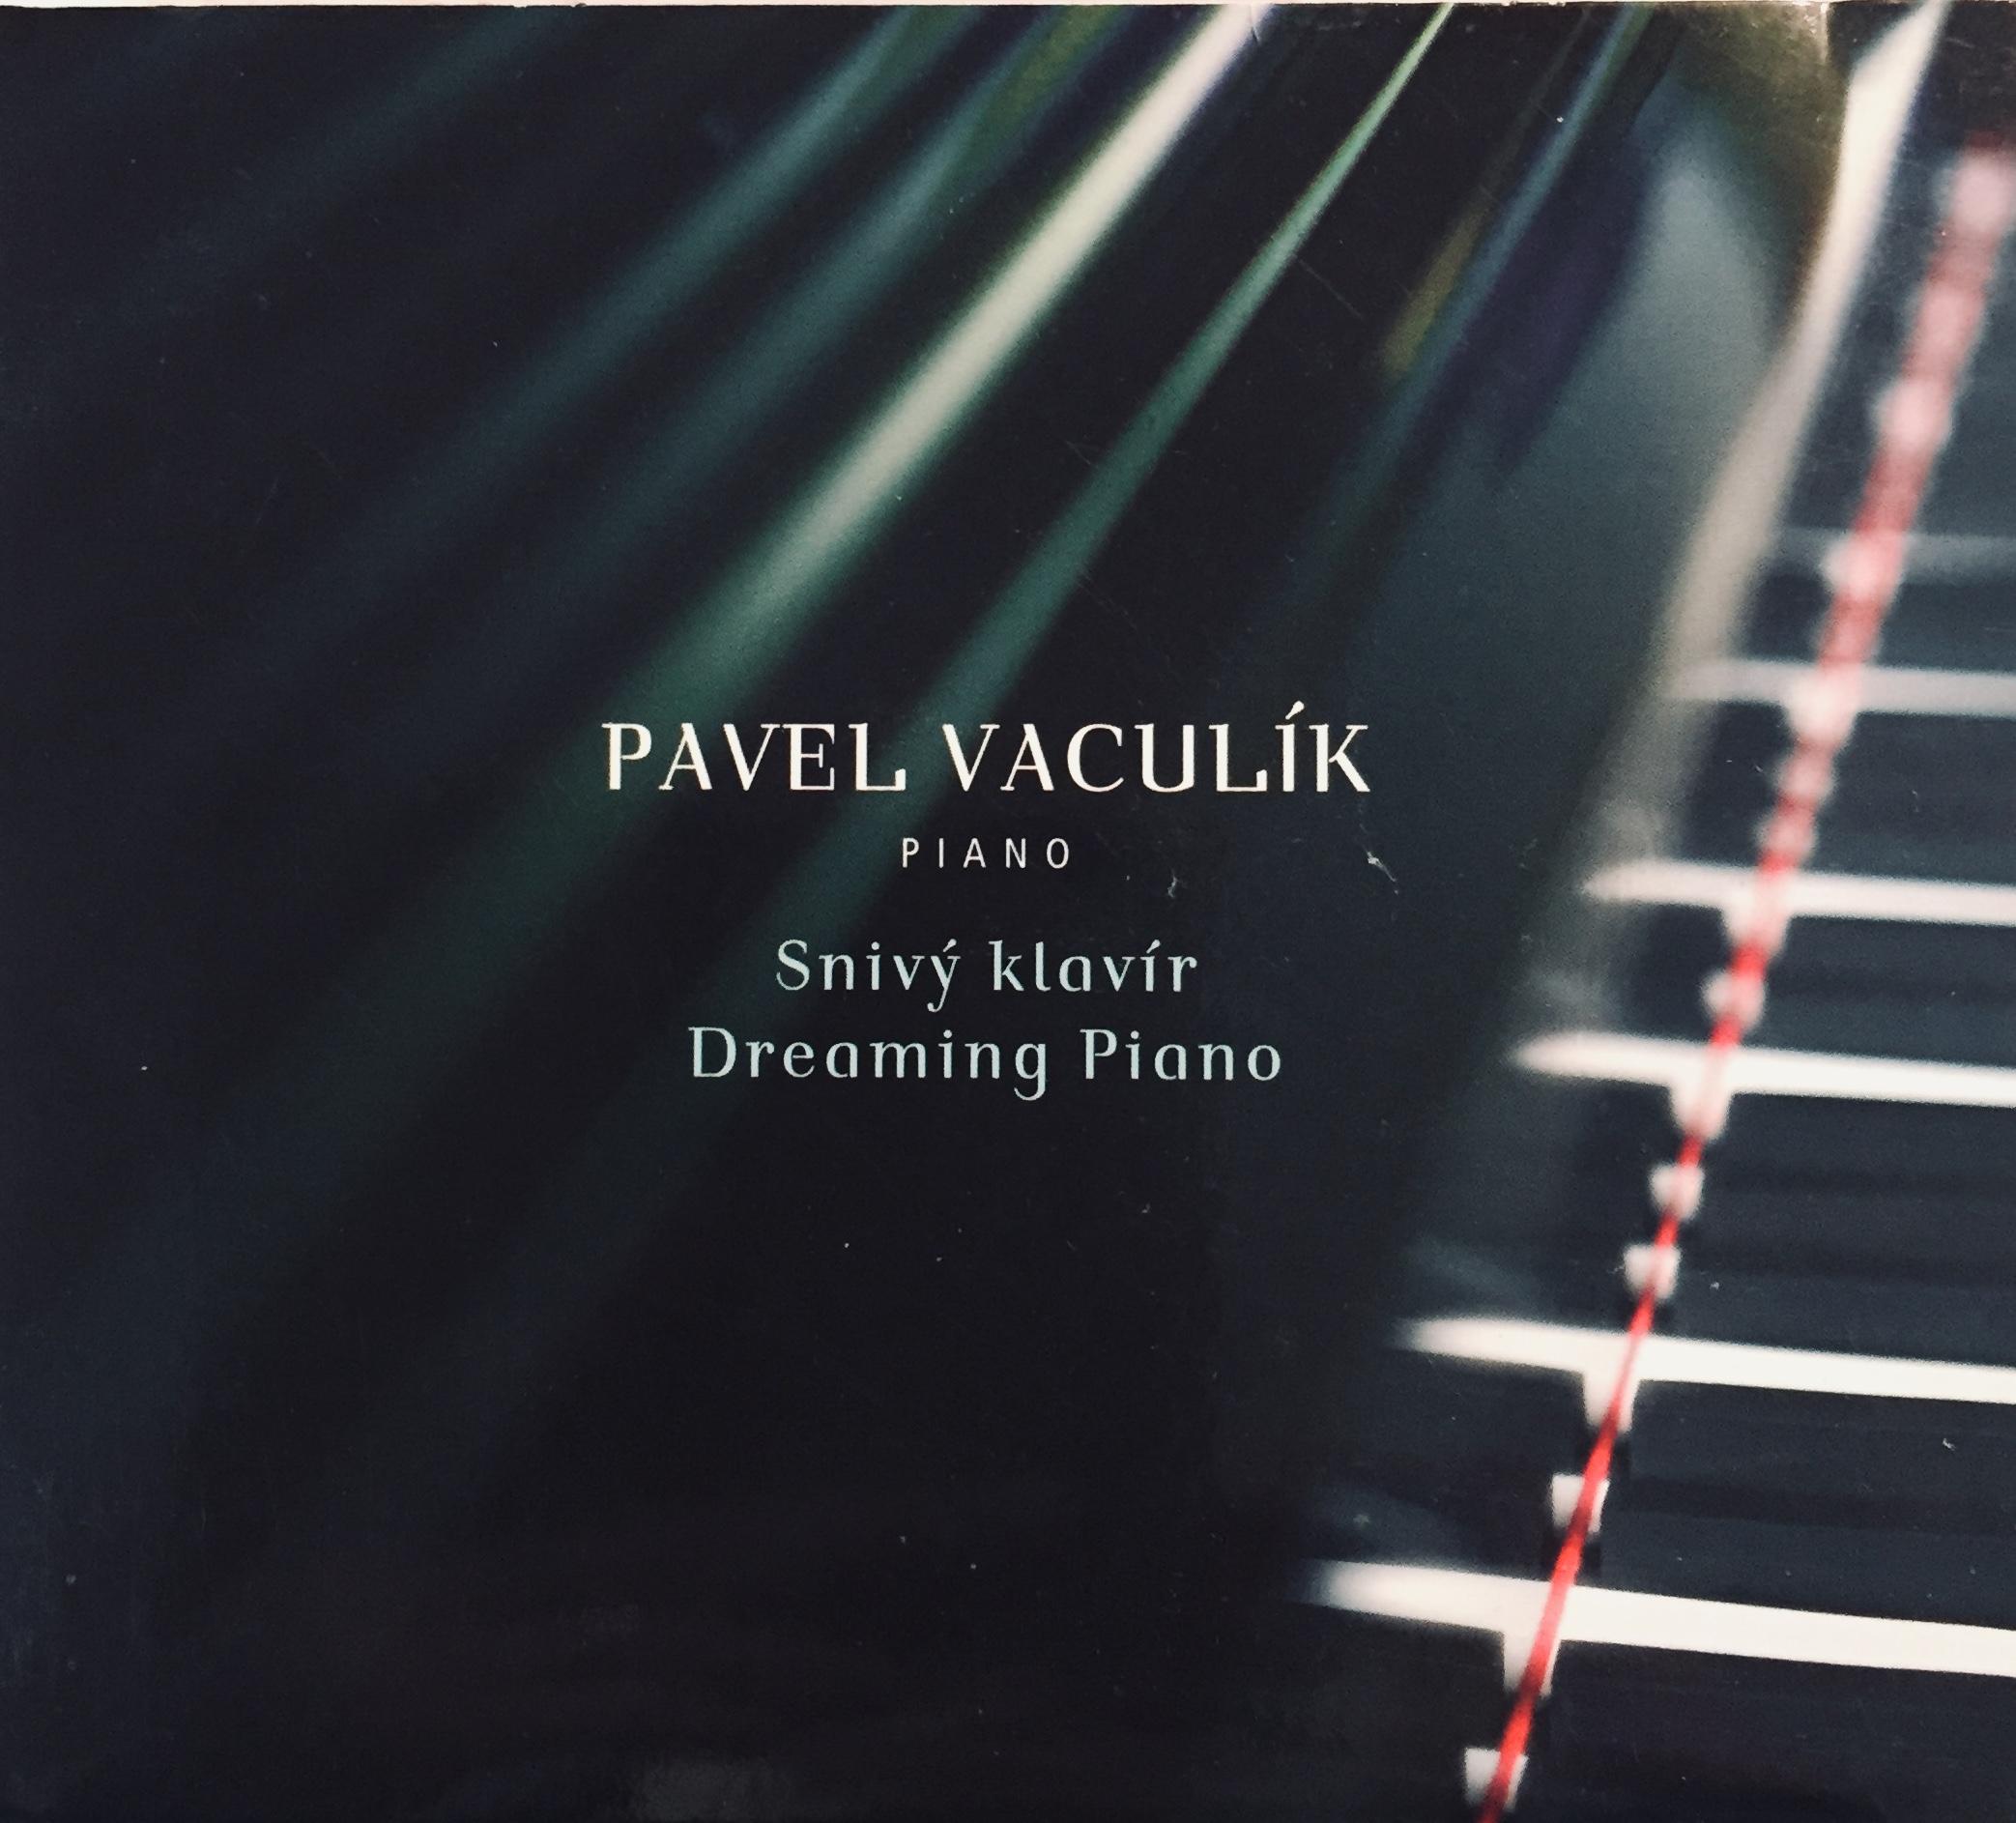 Pavel Vaculík - Snivý klavír - CD /digipack malý/